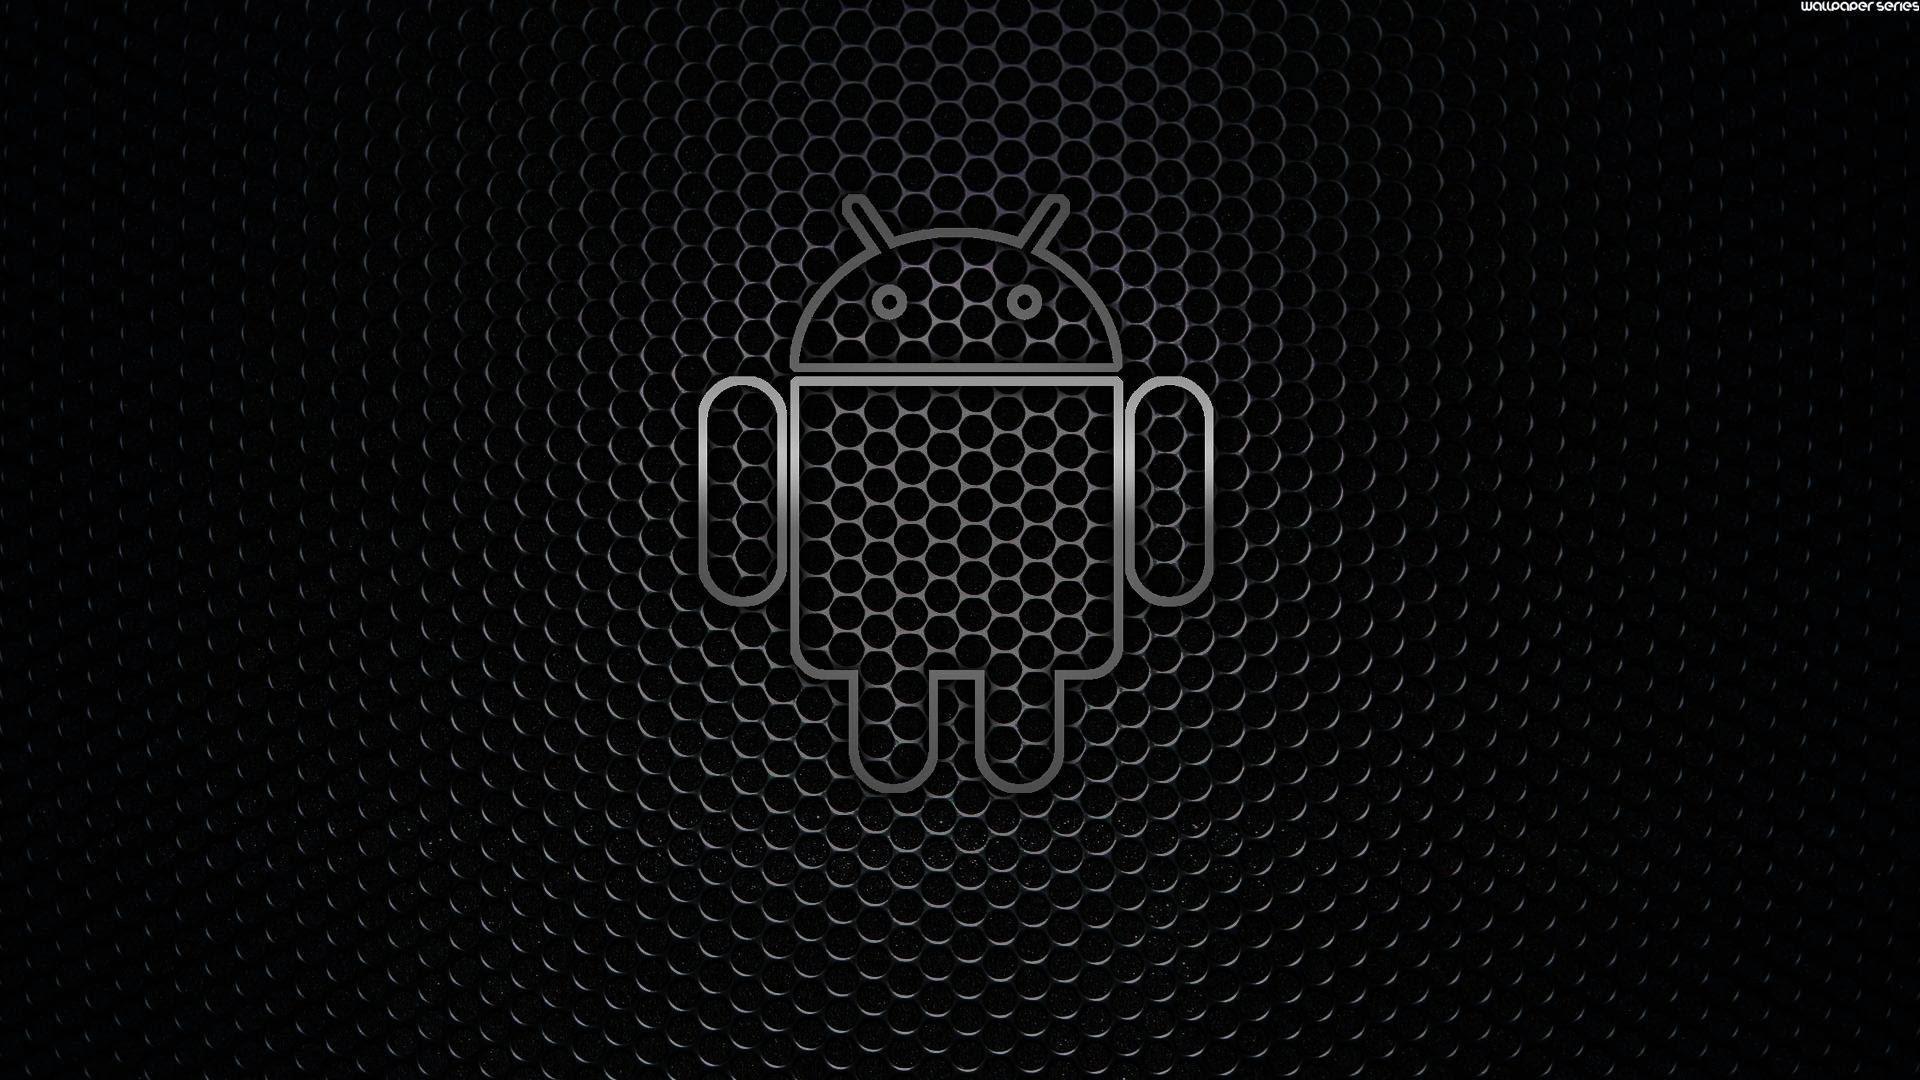 Download Gratuito Di Wallpaper Nero Per Android